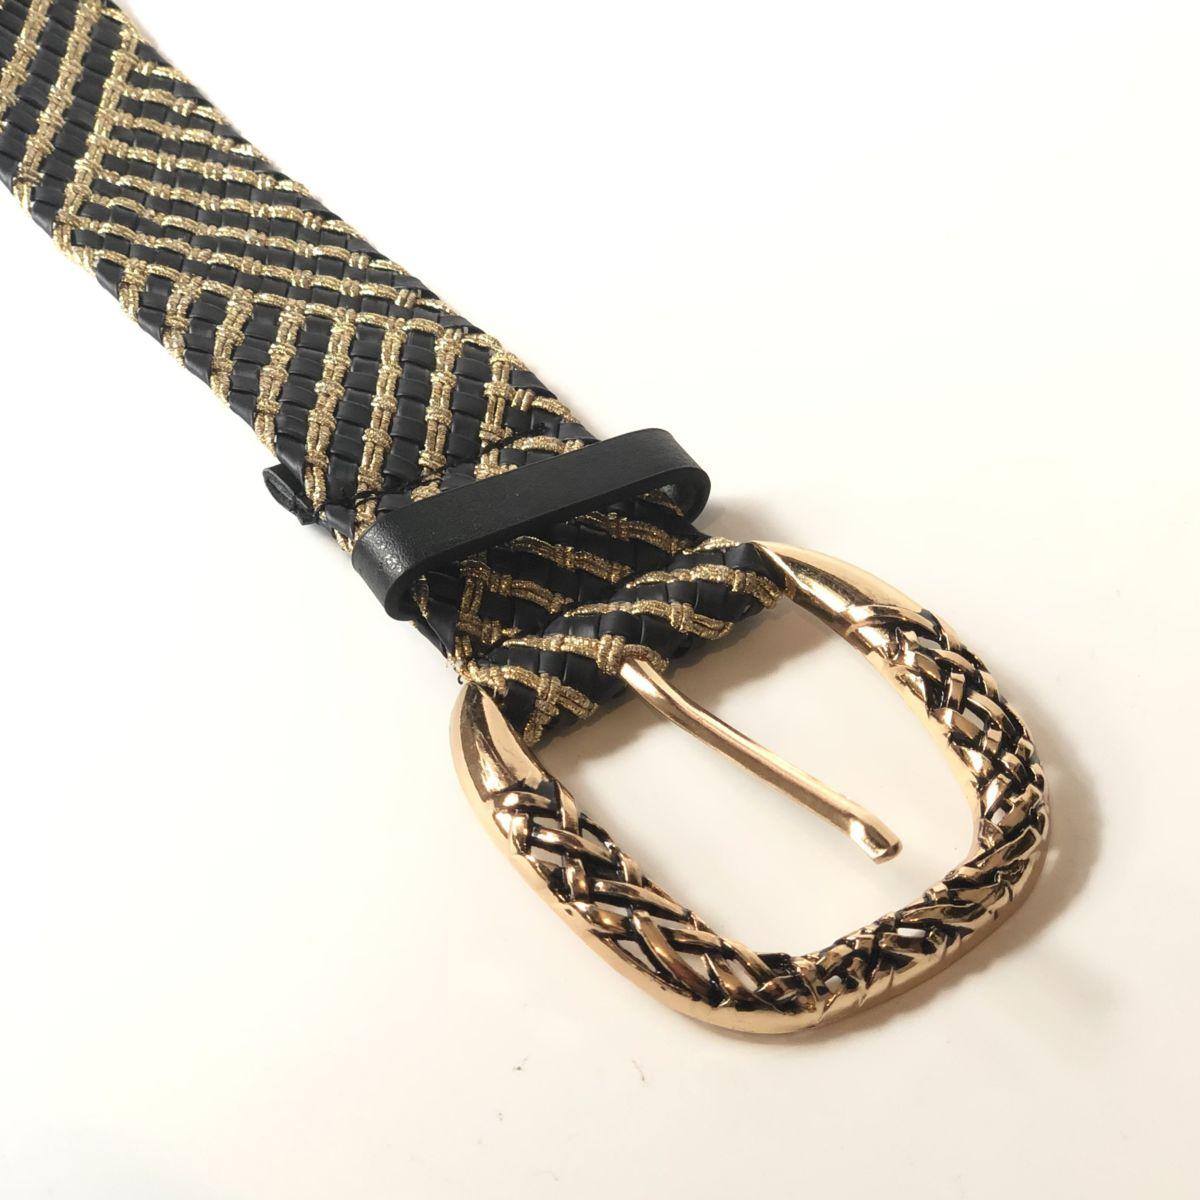 By Destele ceinture noire et gold grosse boucle adaptable